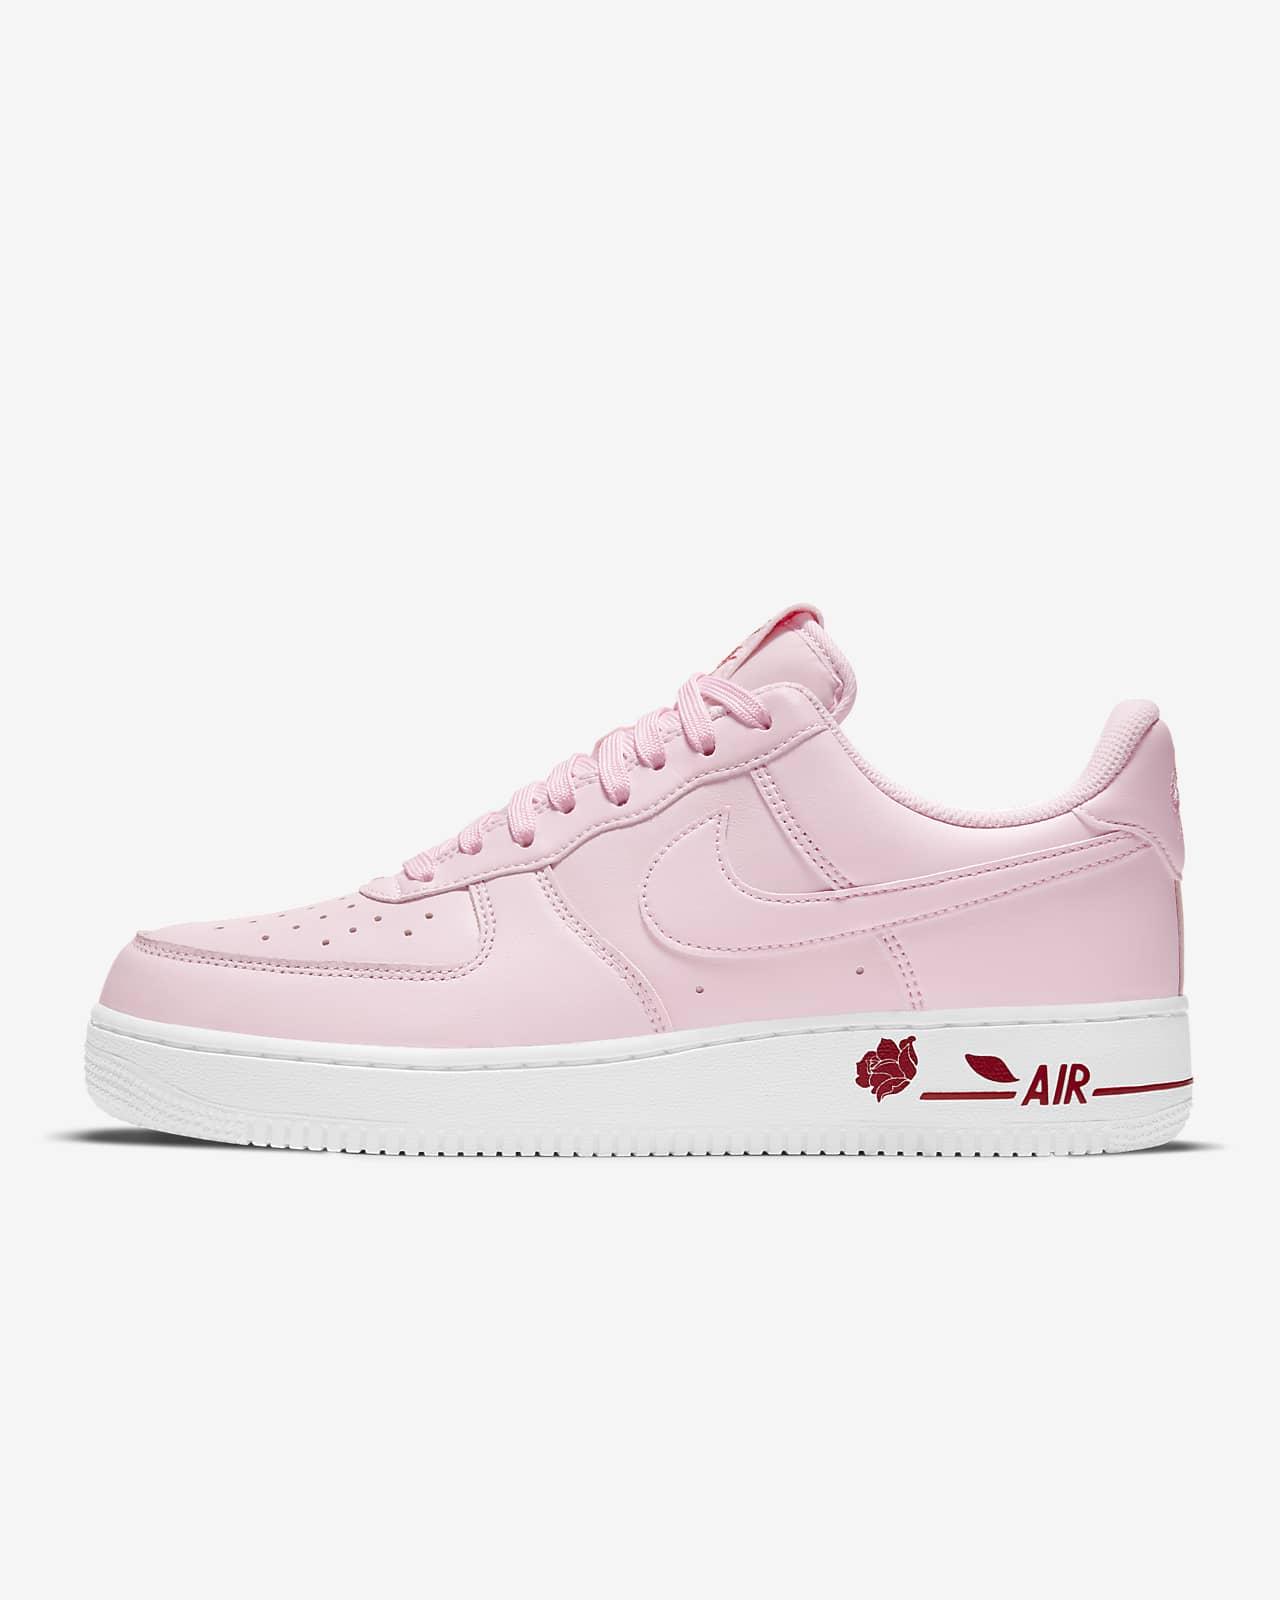 Nike Air Force 1 '07 LX 男鞋